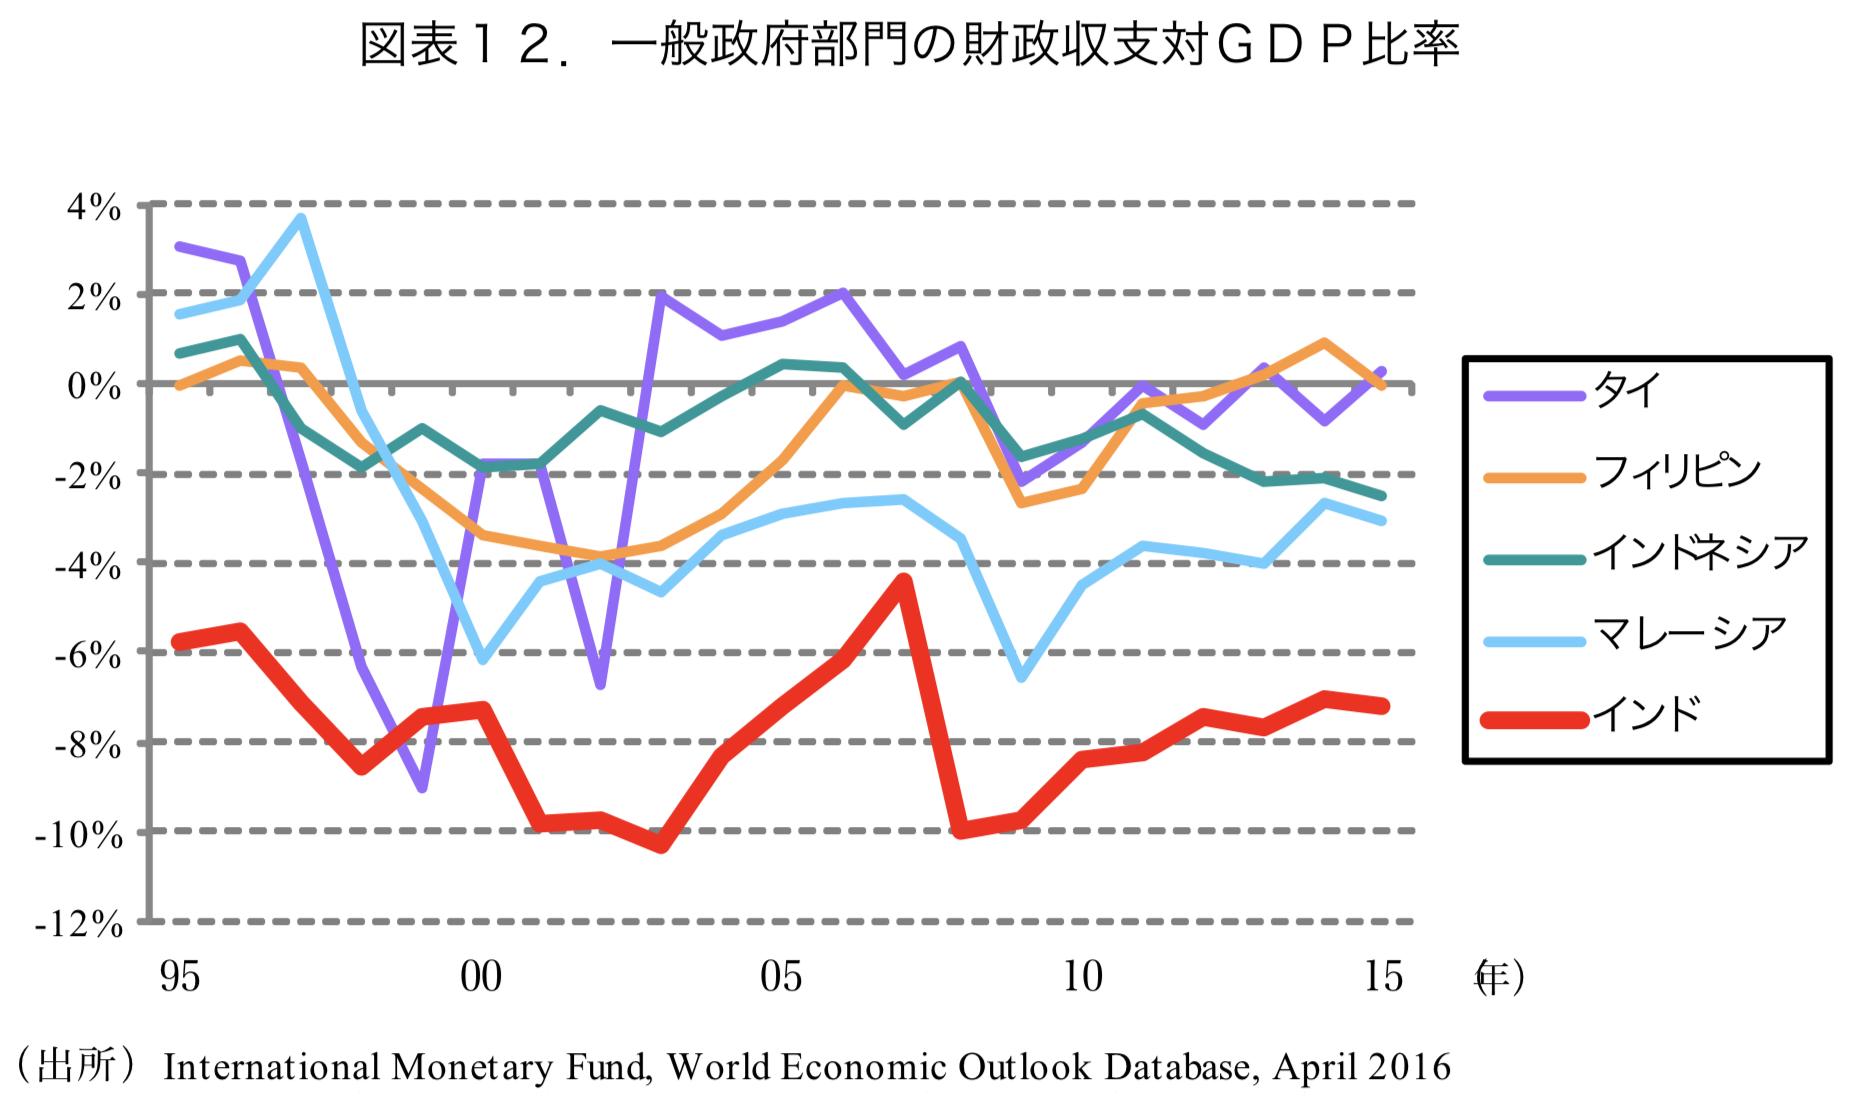 新興国の政府部門の財政収支対GDP比率